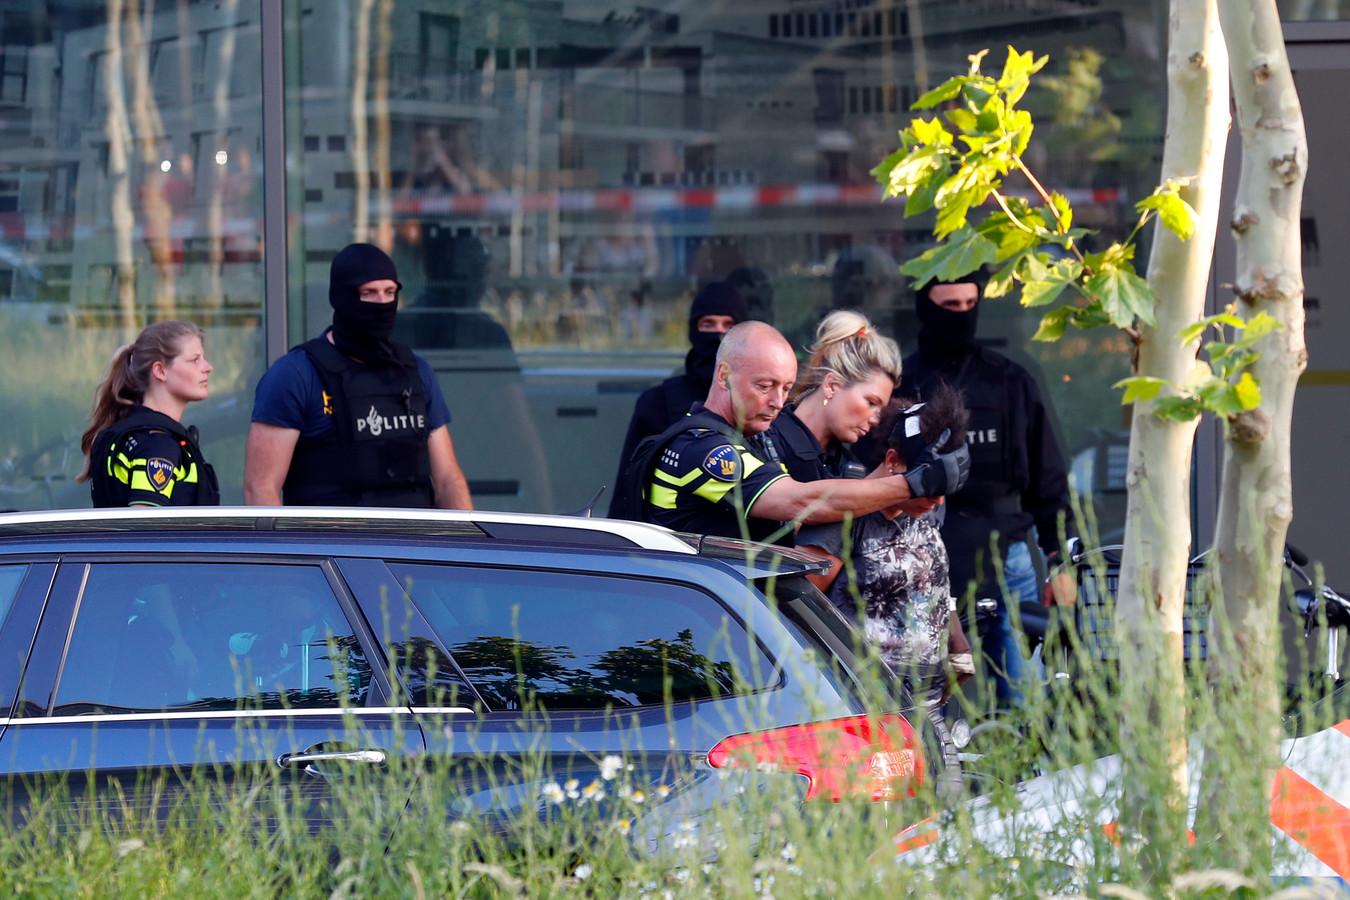 Het arrestatieteam heeft zojuist een einde gemaakte aan een dreigende situatie op de Torenallee in het Eindhovense stadsdeel Strijp.